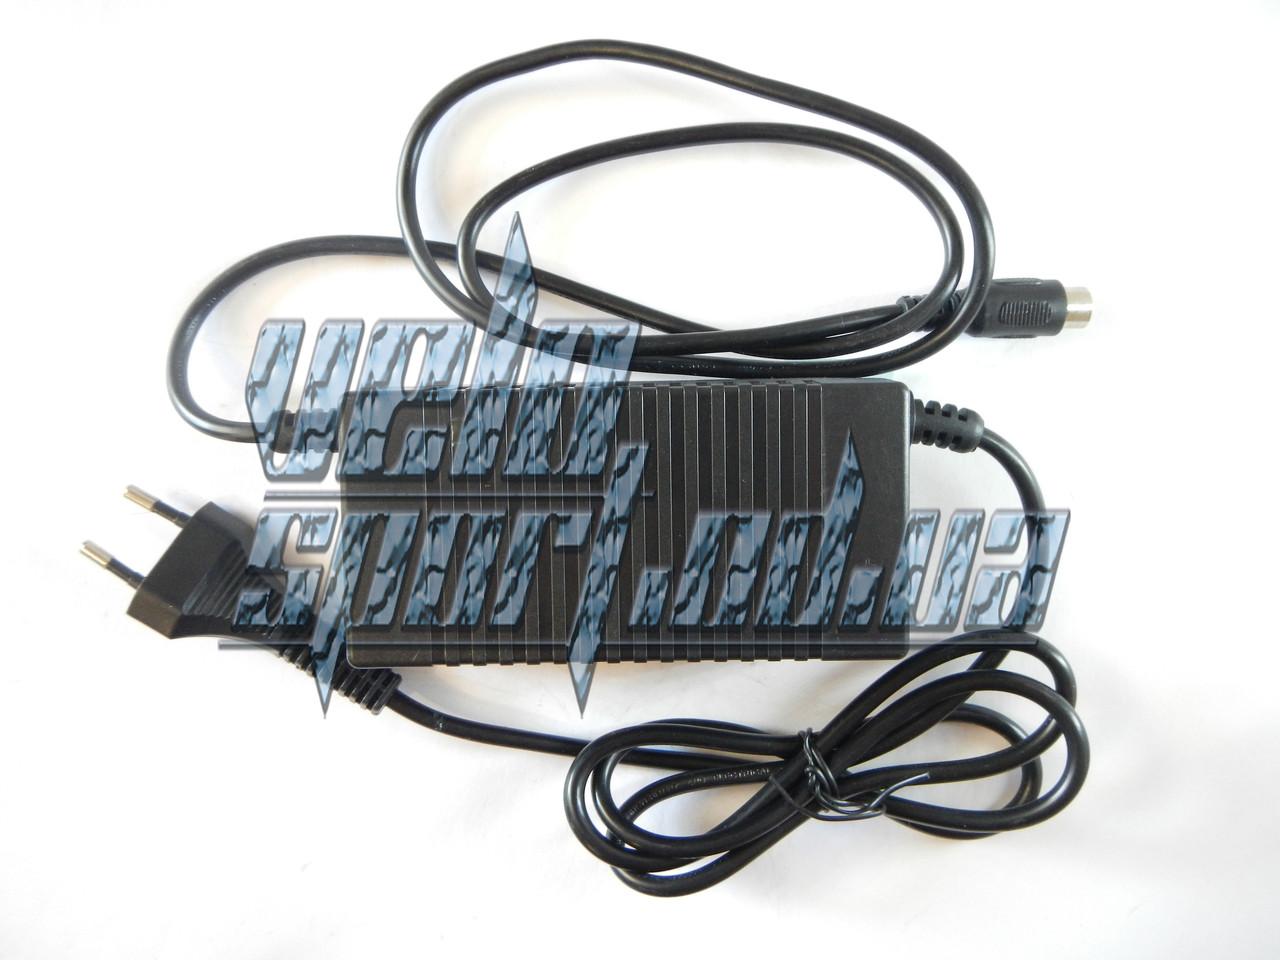 """Зарядное устройство 24V для свинцово-кислотных АКБ -   Интернет-магазин """"VELOSPORT.OD.UA""""  в Одессе"""